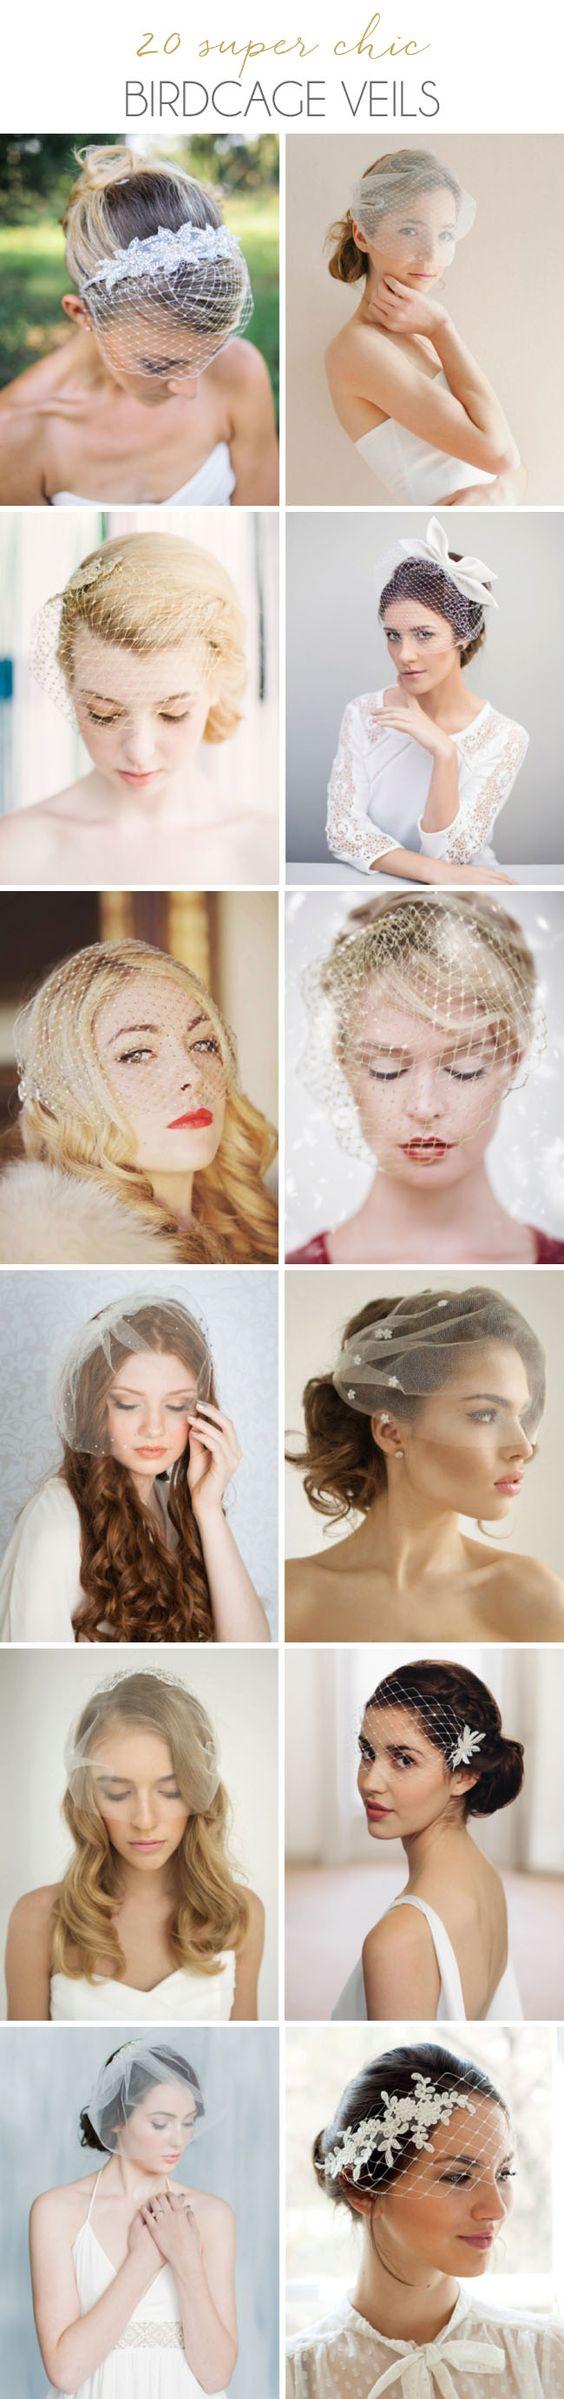 Chic Birdcage Veils on SouthBound Bride